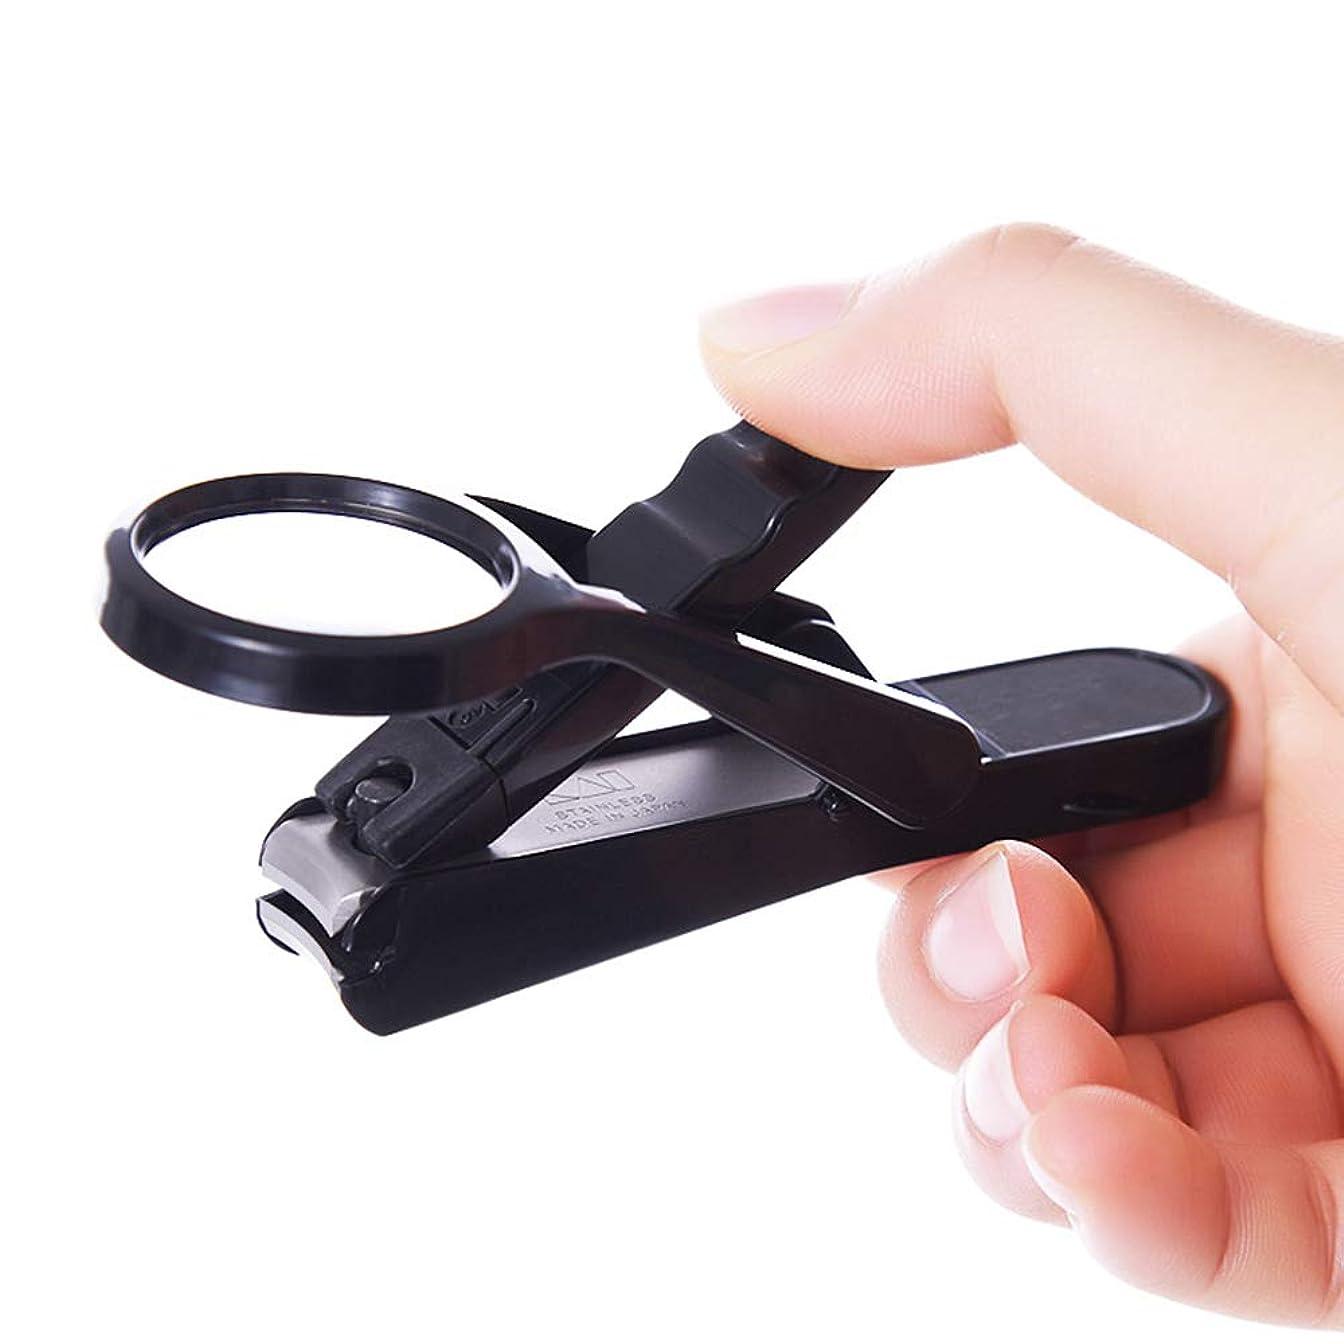 代名詞安定した代替案ネイルニッパー, 爪クリッパー老人とベビーセーフネイルケアデラックスネイルクリッパー拡大鏡付き 厚くまたは陥入した足指の爪用